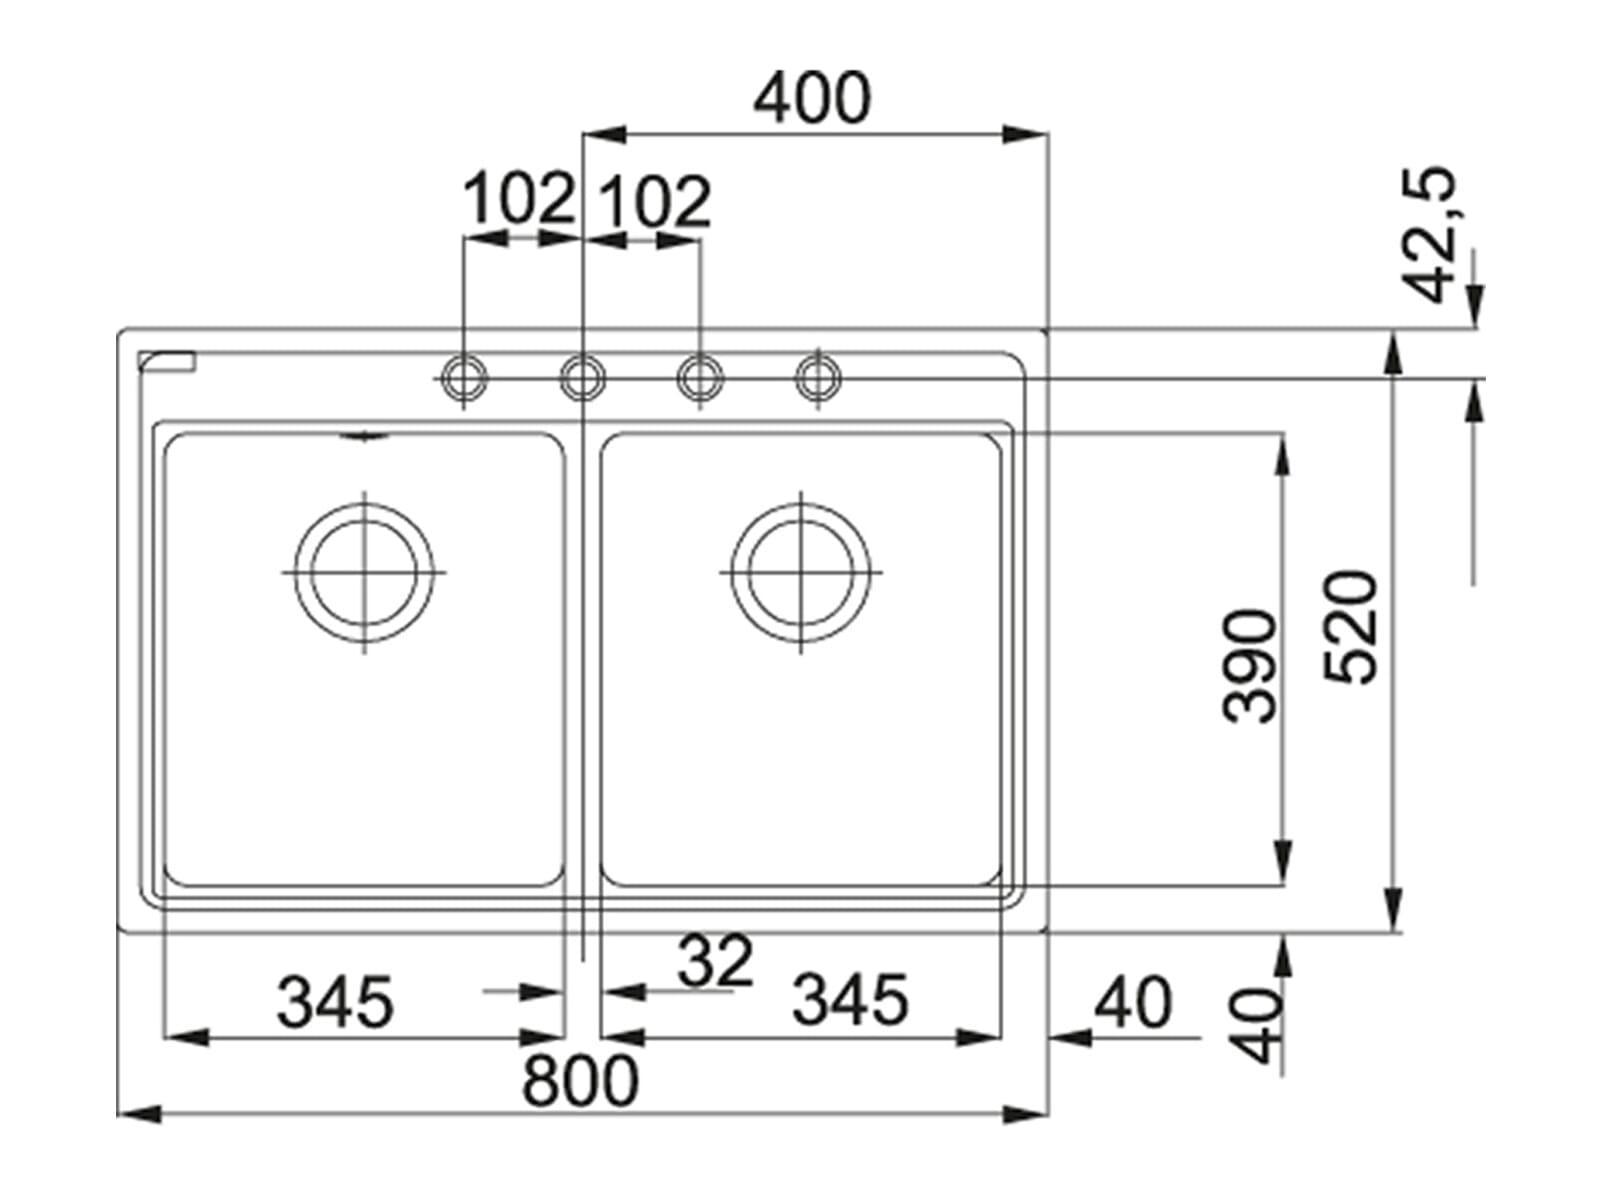 Franke Maris MRG 620 Graphit - 114.0477.531 Granitspüle Exzenterbetätigung